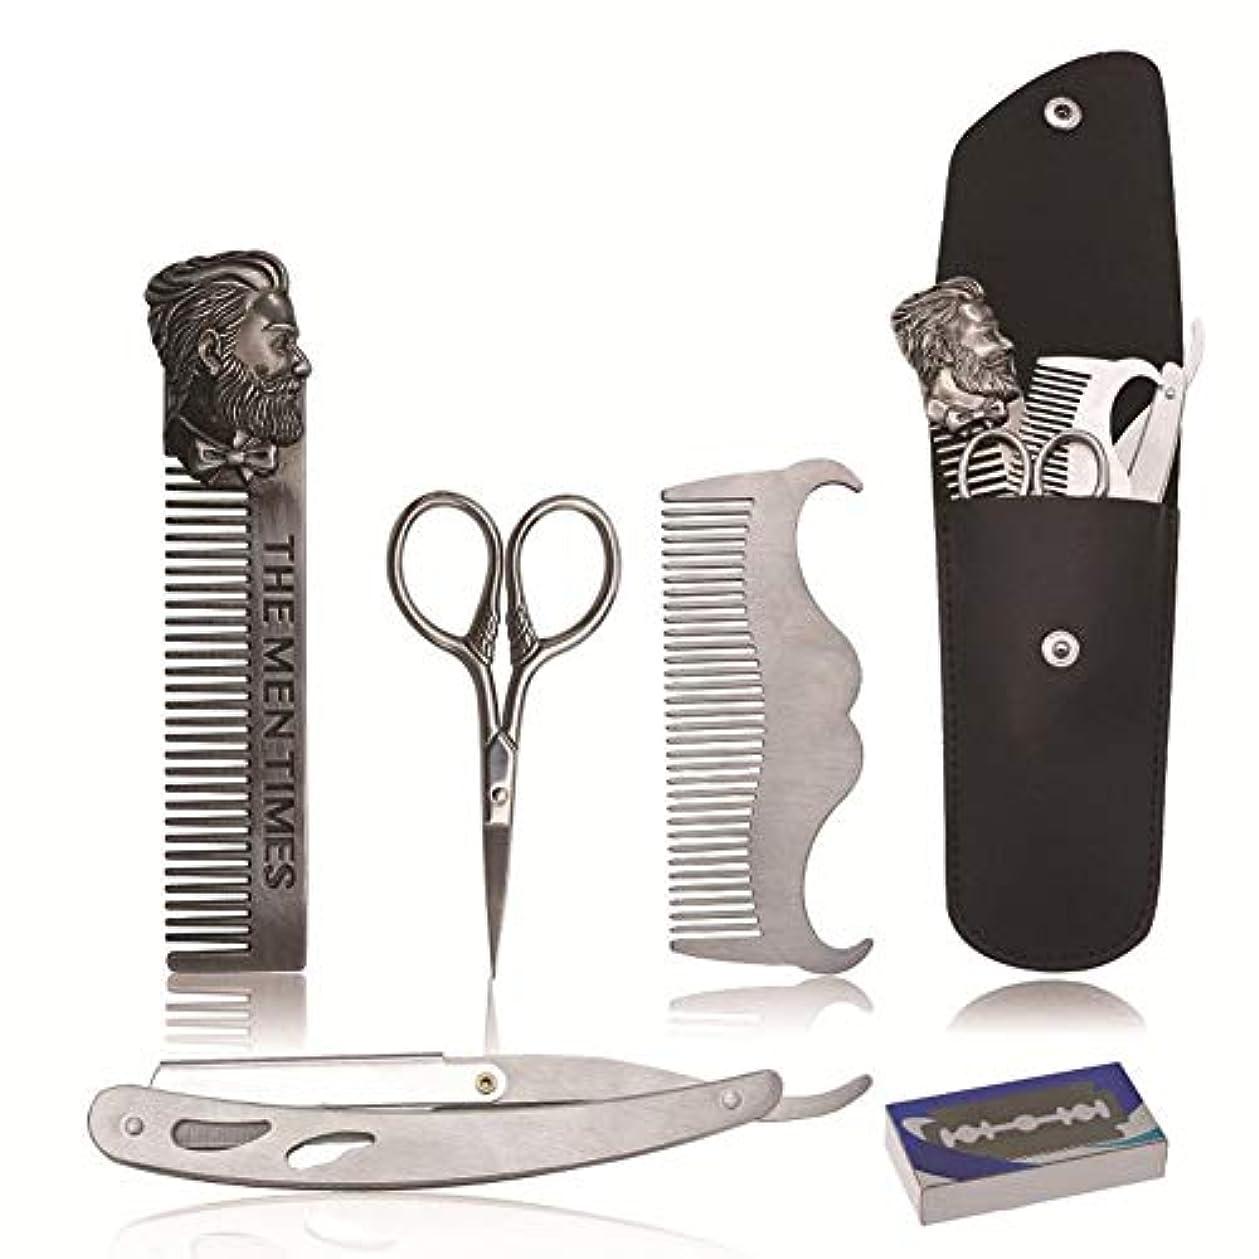 木製活力影響力のある5ピースは、男性Barttrimmsetのひげについてバートケアセットを設定すると、ひげの櫛ステンレス鋼、バートステンシルトリムスタイリングツール、ひげコムBartpflegesetを剃ります